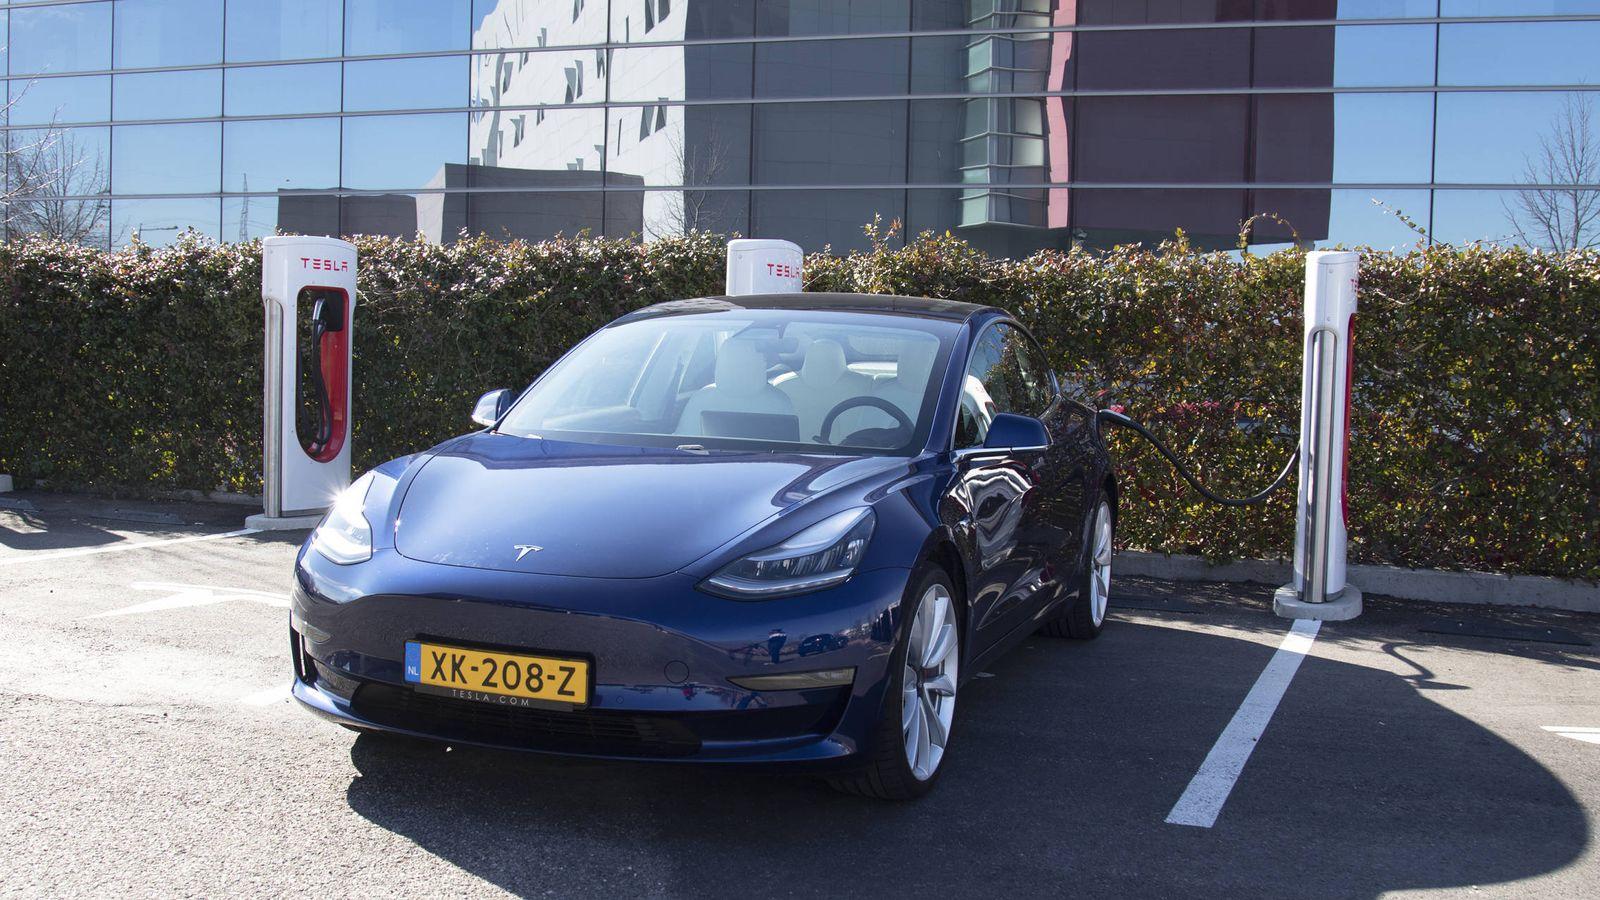 Foto: El Tesla Model 3 en una de las estaciones de 'súper cargadores'. (Foto: Patricia Seijas)